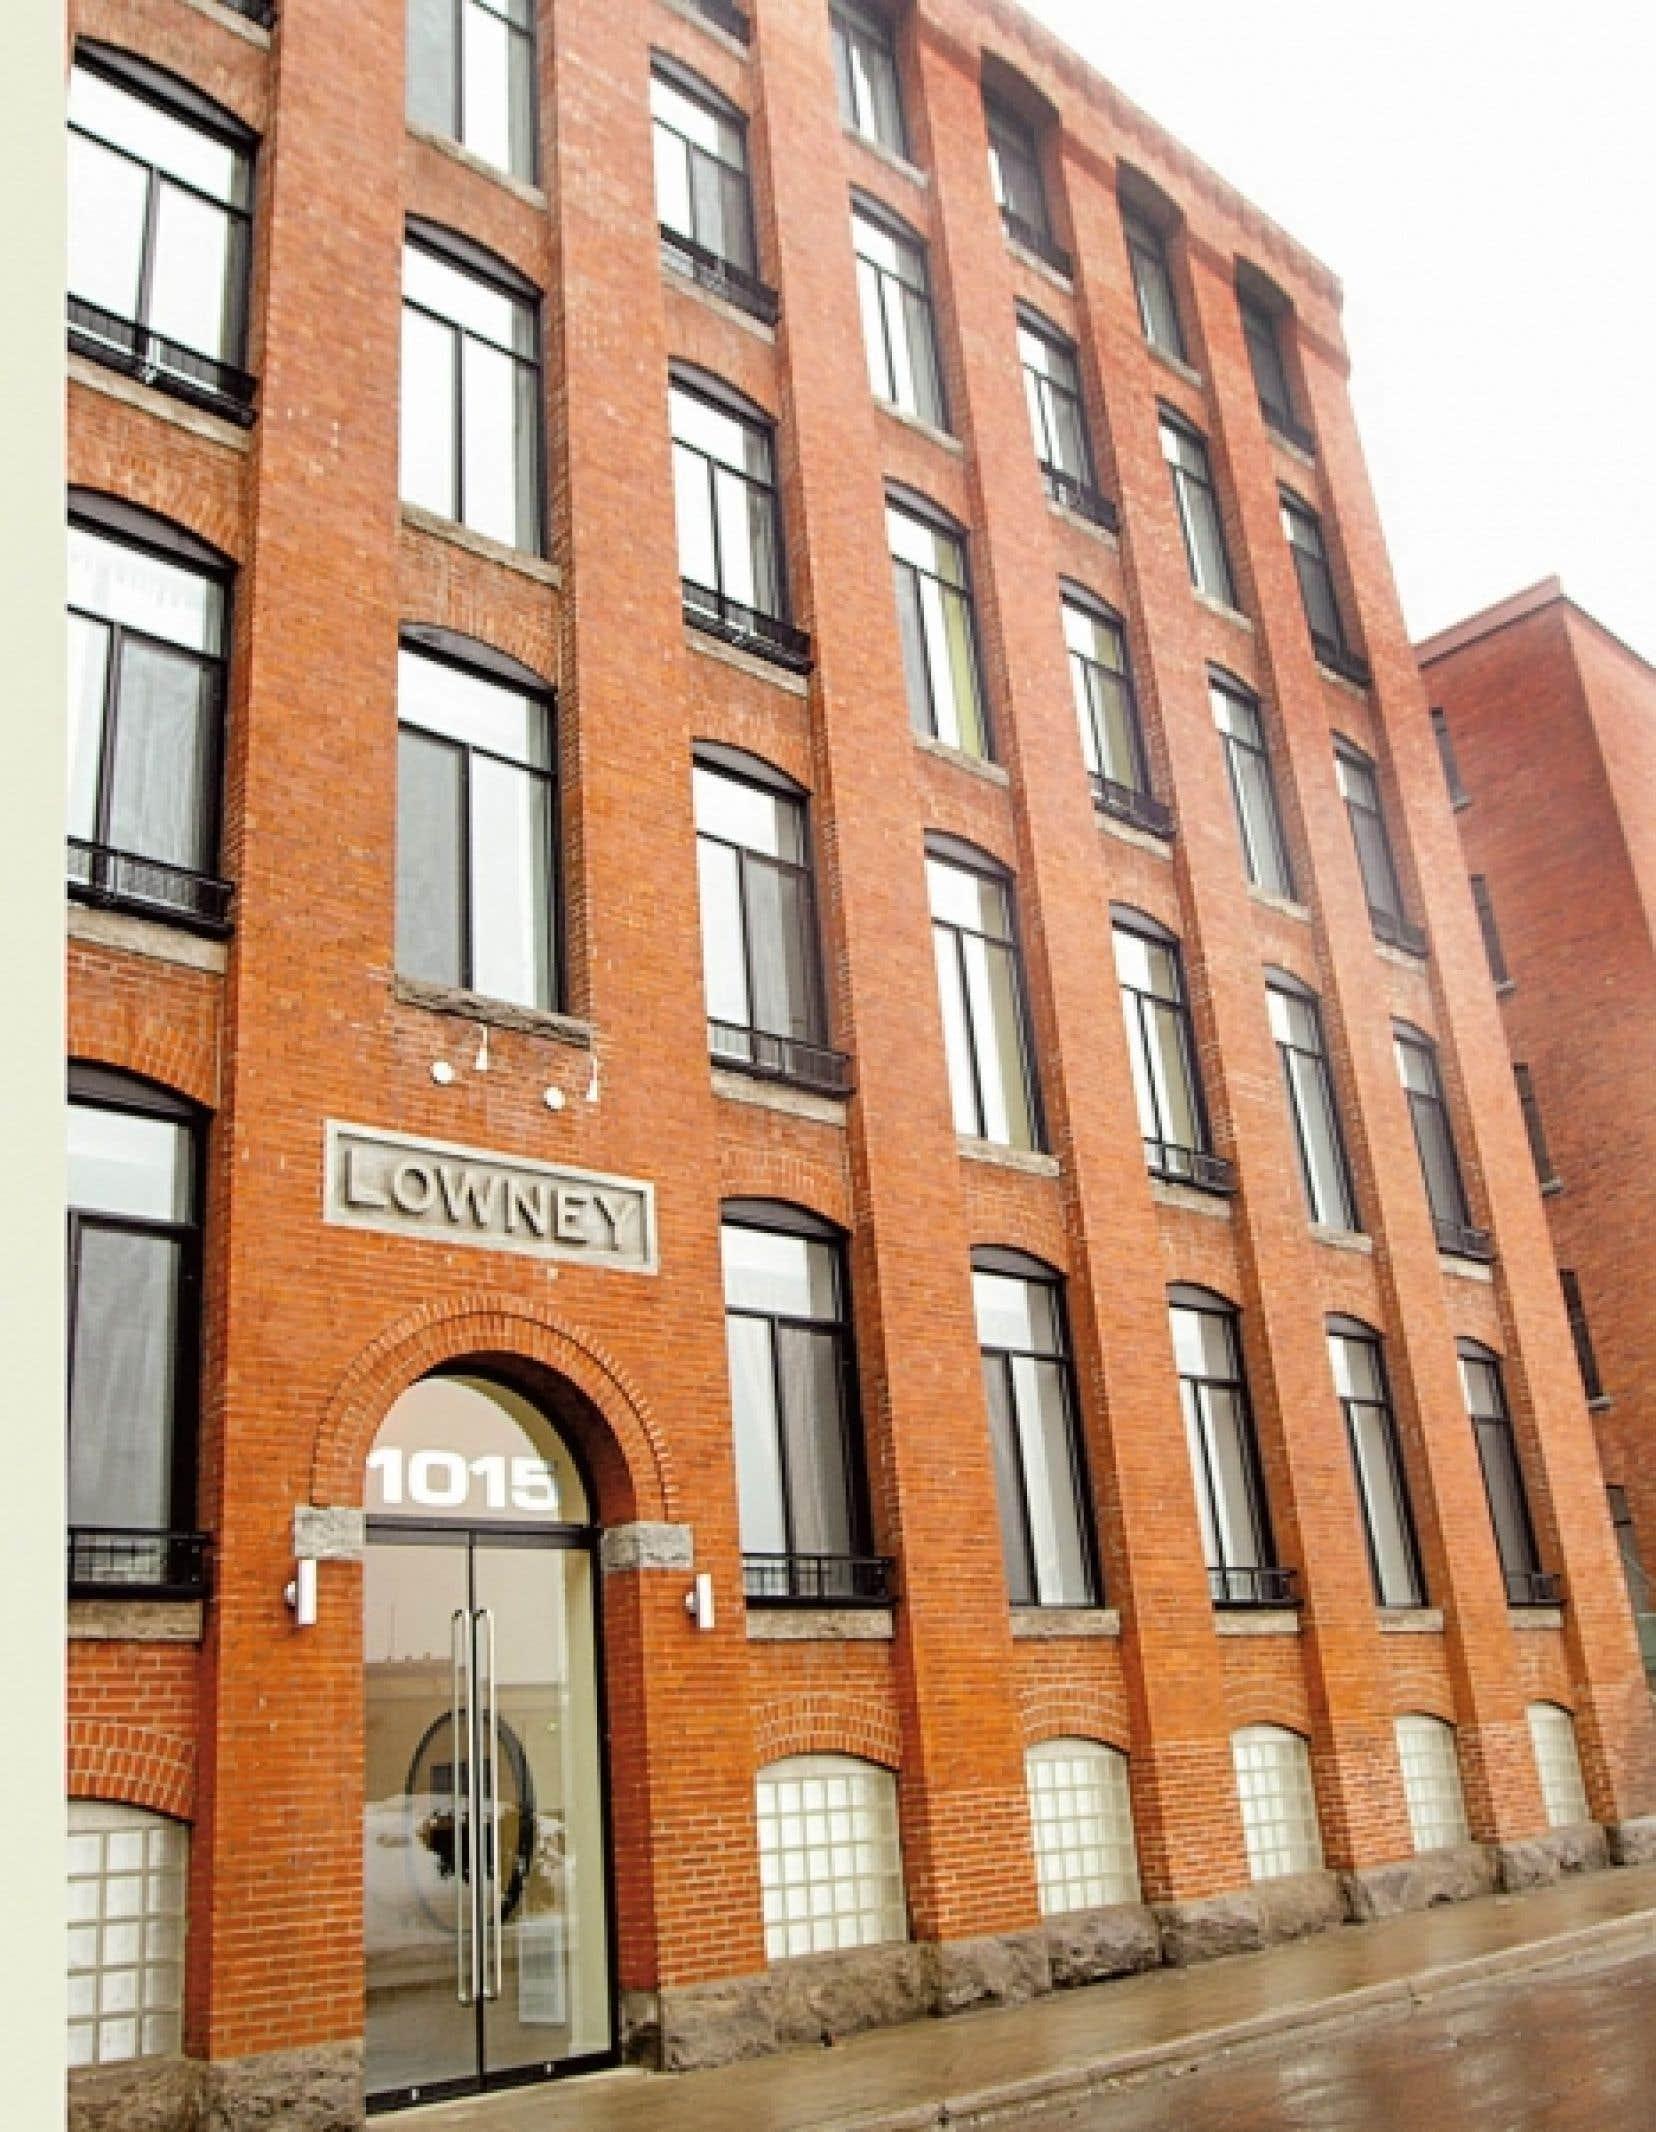 Les premières phases du projet Lowney ont été élaborées avec des logements souvent plus restreints en matière d'espace, un peu comme dans les grandes villes européennes, afin d'en rendre accessible la propriété à des gens dans la vingtaine ou le début de la trentaine.<br />